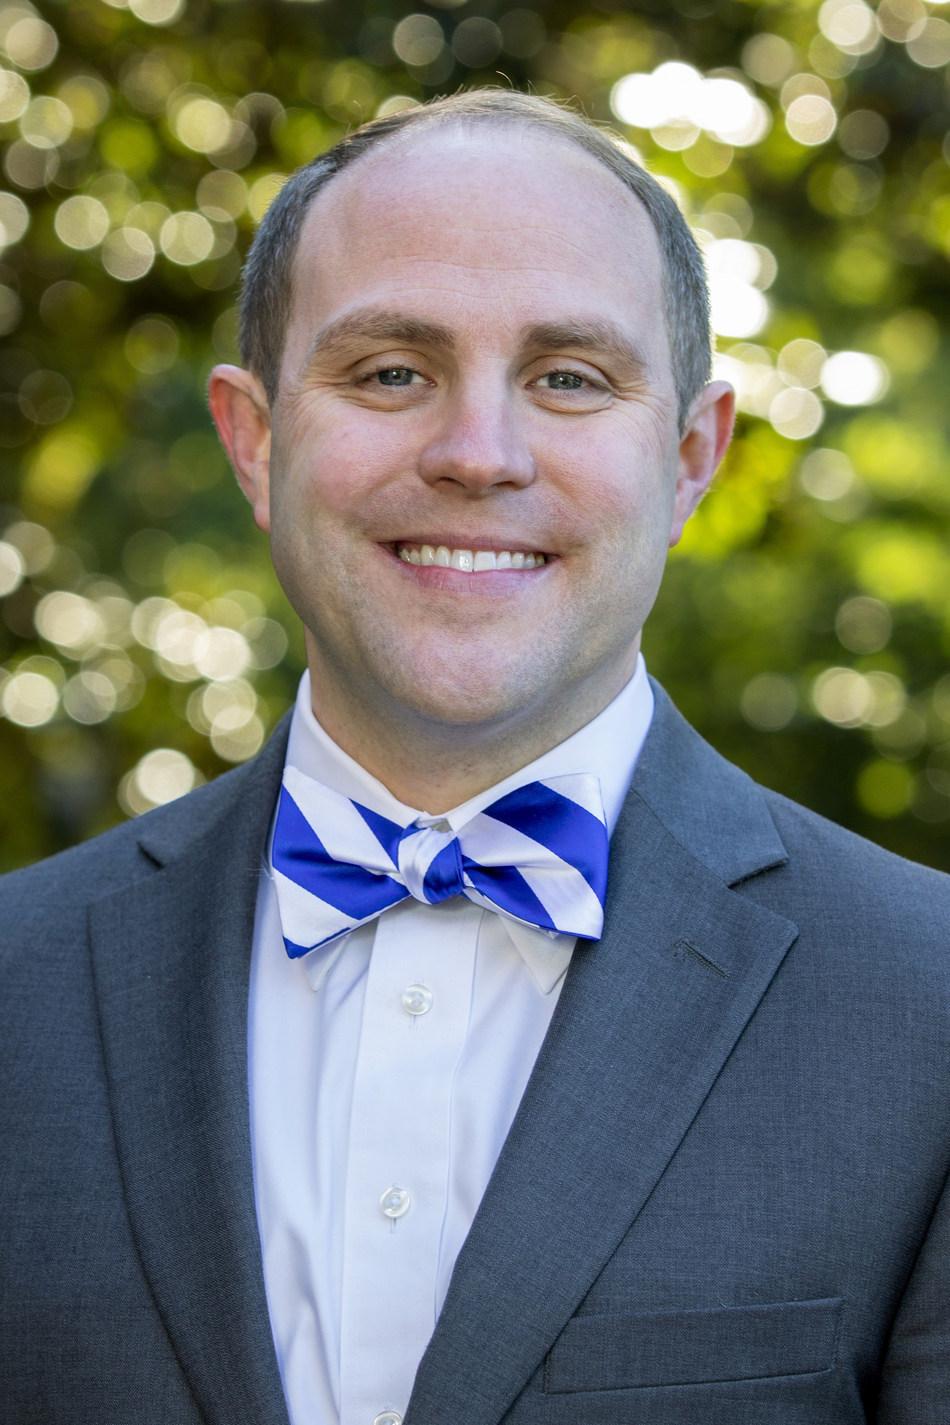 威尔逊学院任命韦斯利·富加特博士为下一任校长